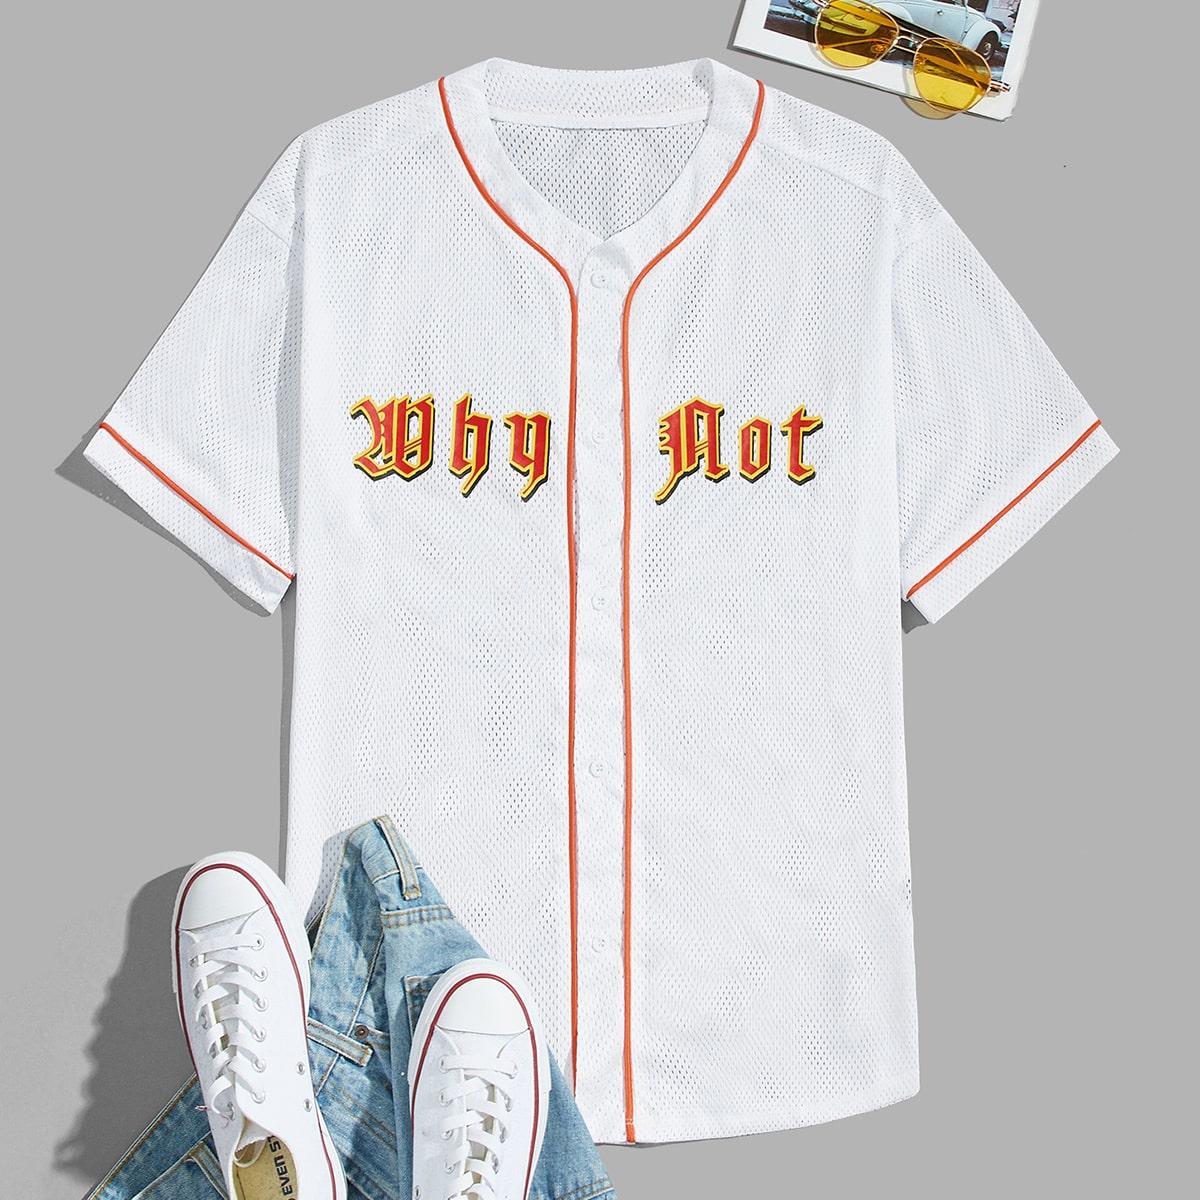 Мужская сетчатая рубашка с текстовым рисунком